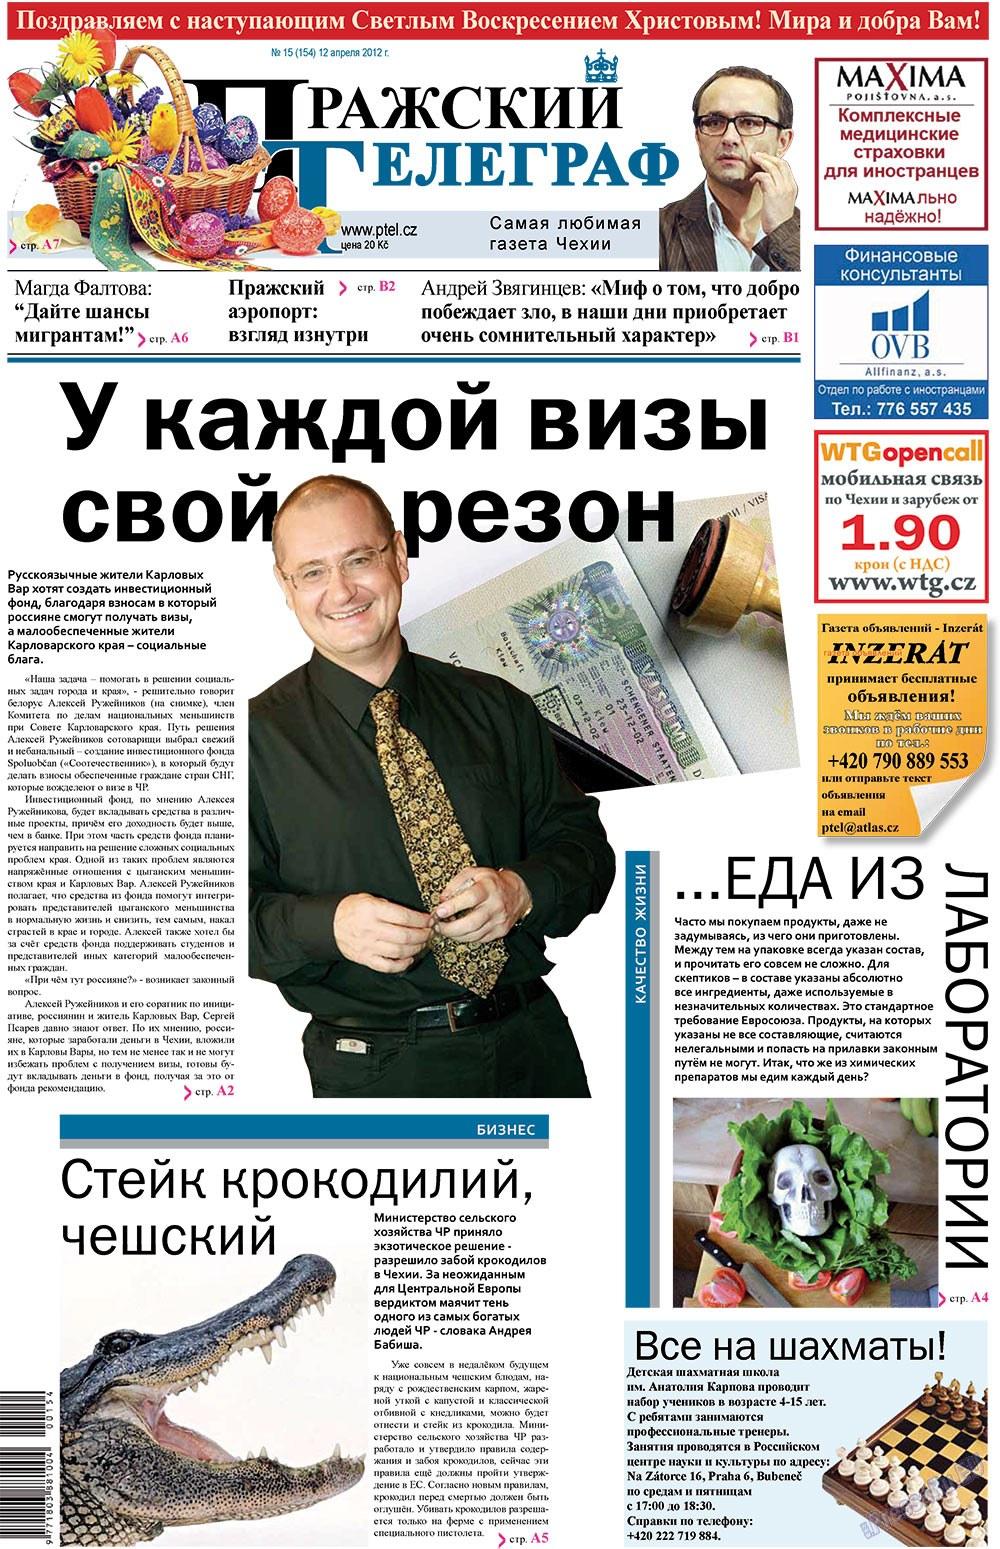 Пражский телеграф (газета). 2012 год, номер 15, стр. 1